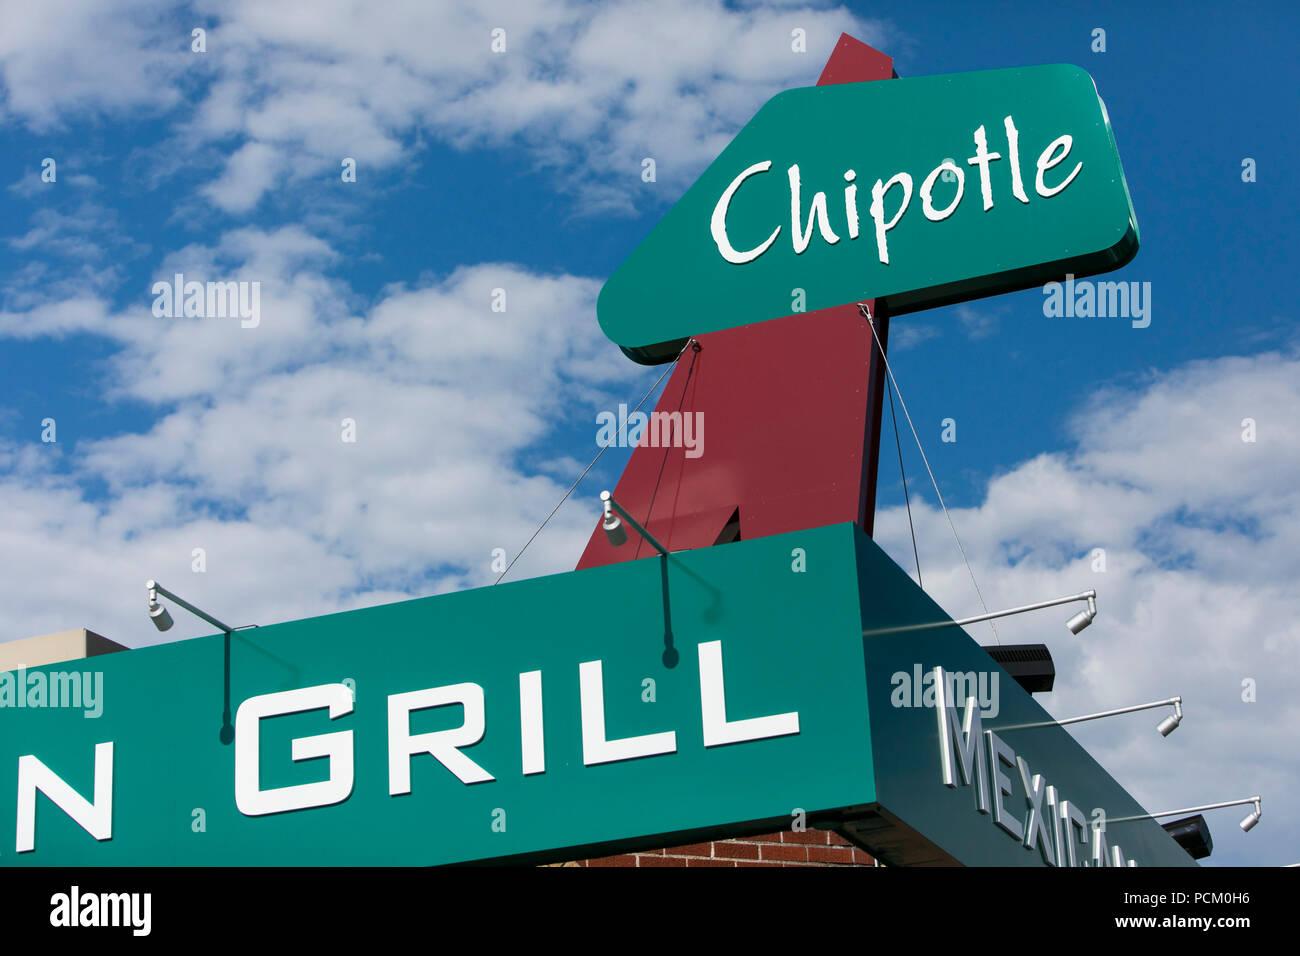 Ein logo Zeichen außerhalb des ersten Chipotle schnelle ungezwungene Restaurant Lage in Denver, Colorado, am 22. Juli 2018. Stockbild